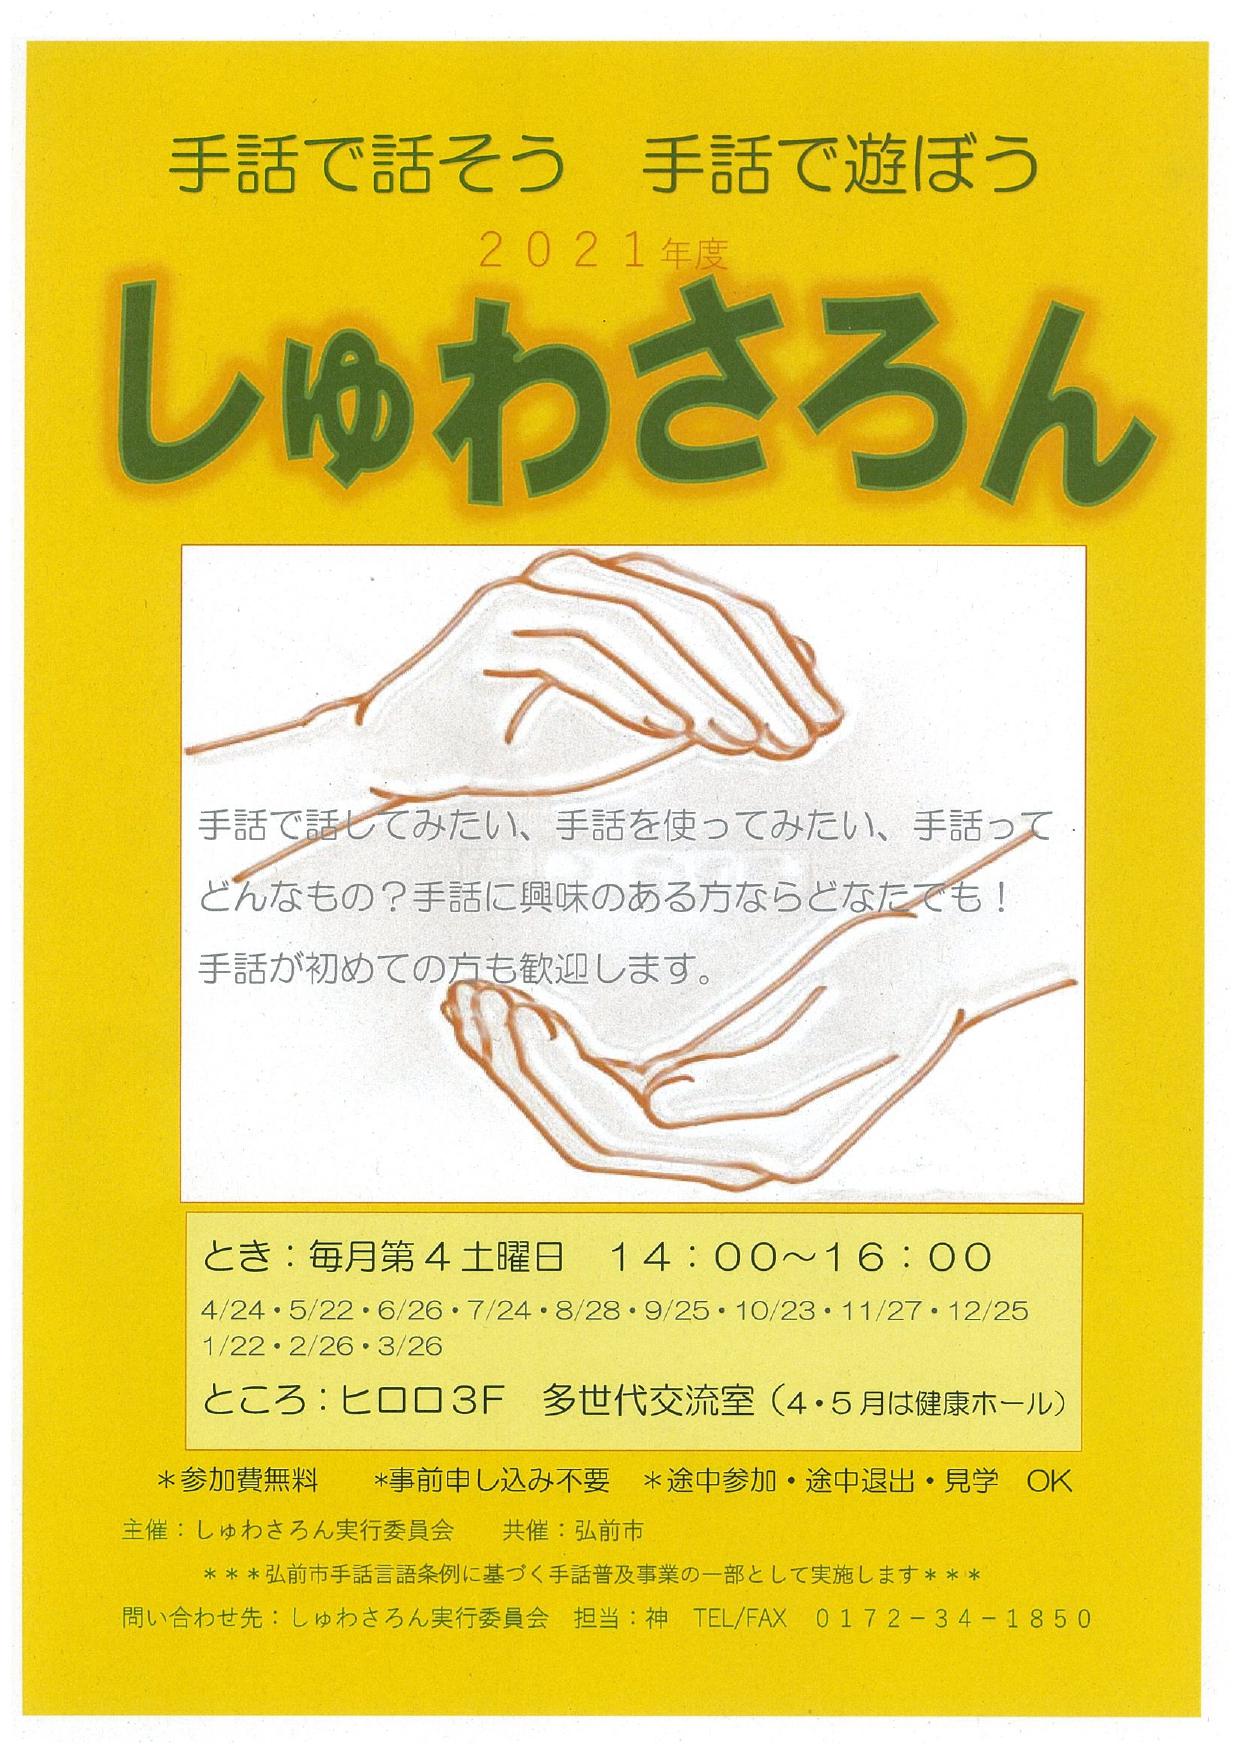 img-417112524_page-0001.jpg